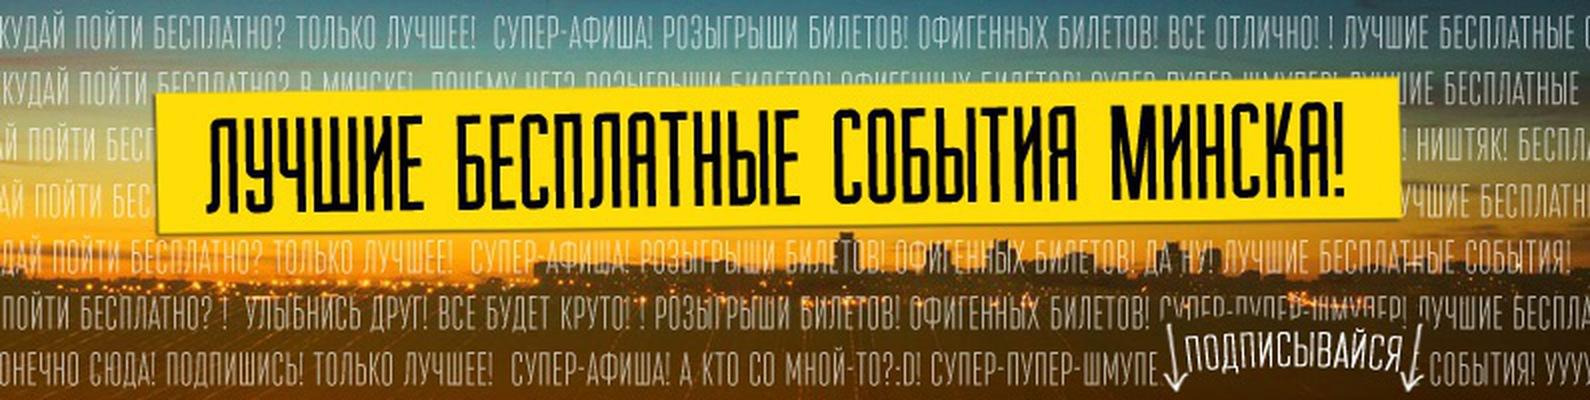 Бесплатные билеты в театр минск театр камала казань официальный сайт афиша на сентябрь